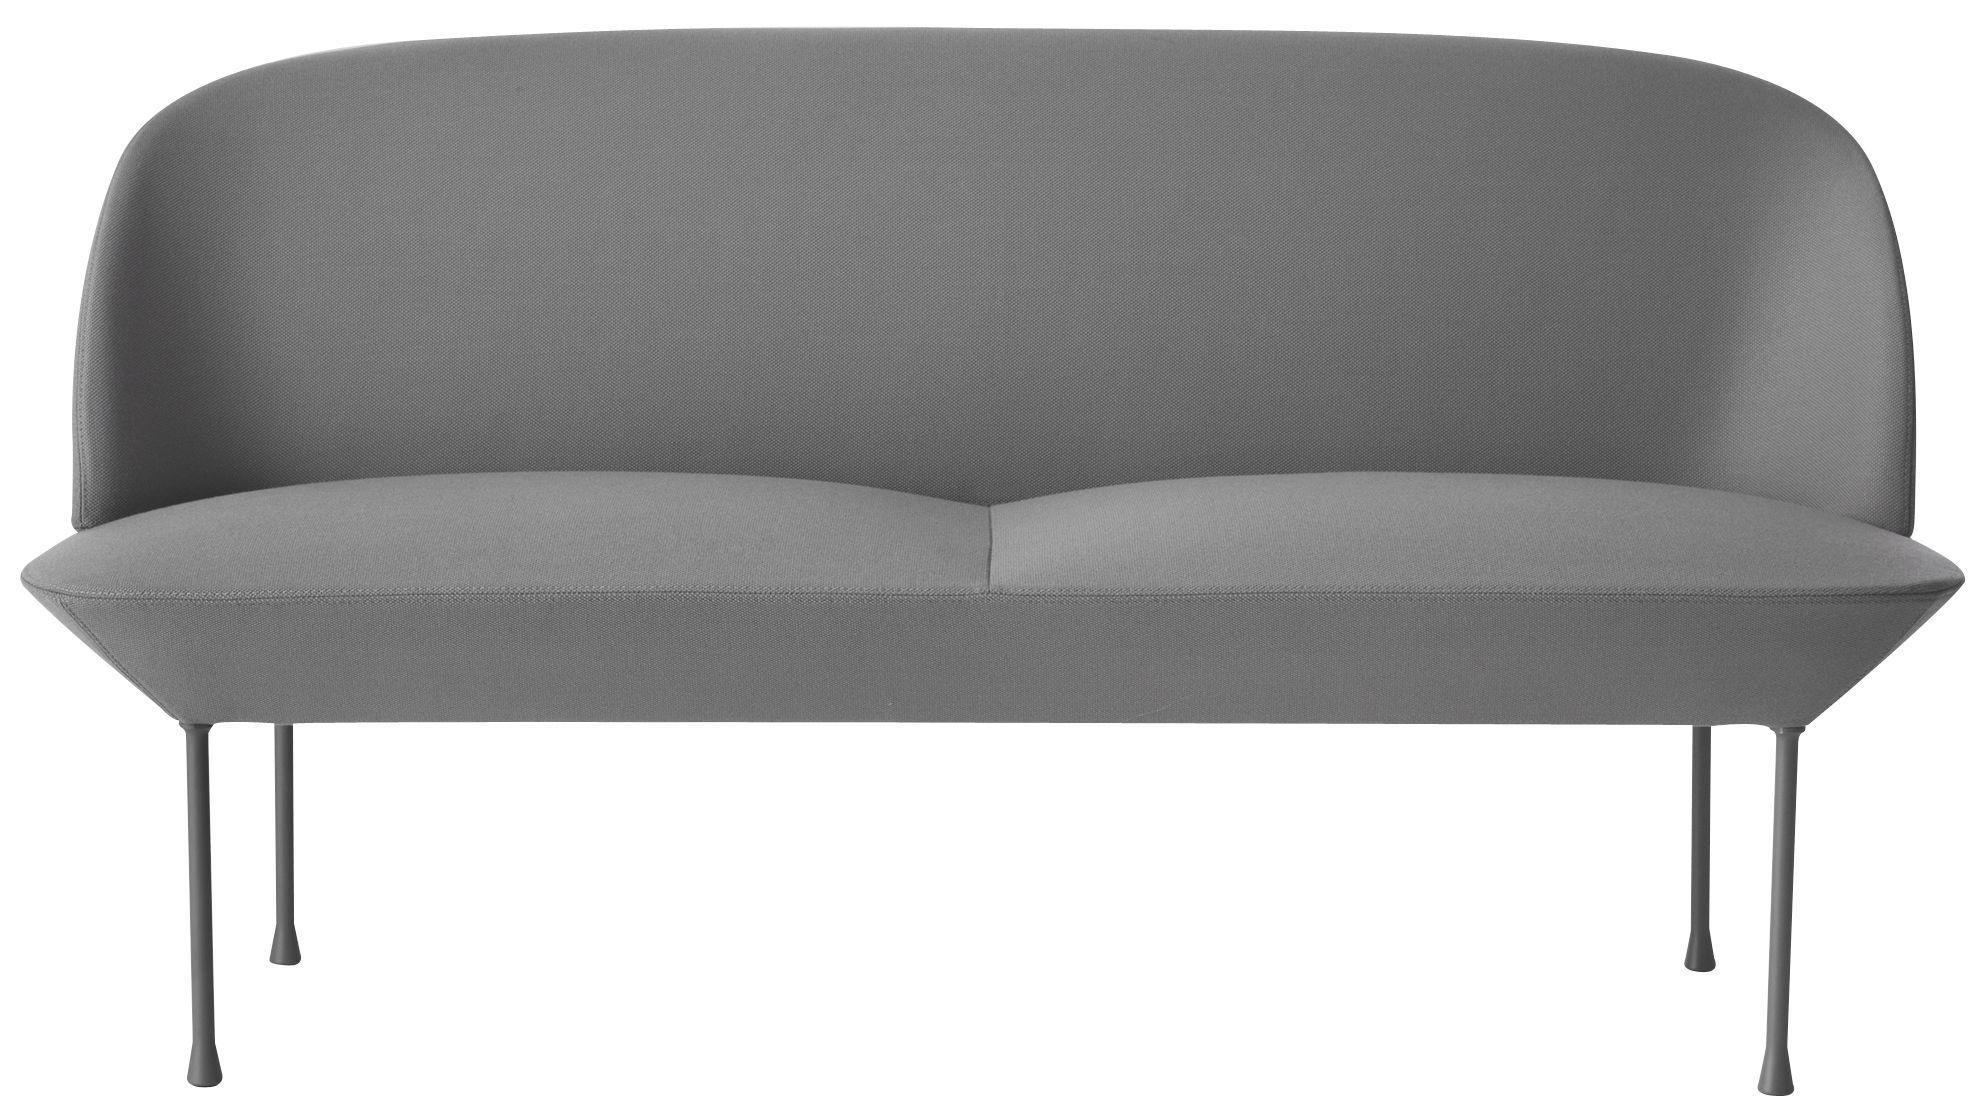 Arredamento - Divani moderni - Divano destro Oslo - / L 150 cm - 2 posti di Muuto - Grigio chiaro - Acciaio, Alluminio, Espanso, Tessuto Kvadrat